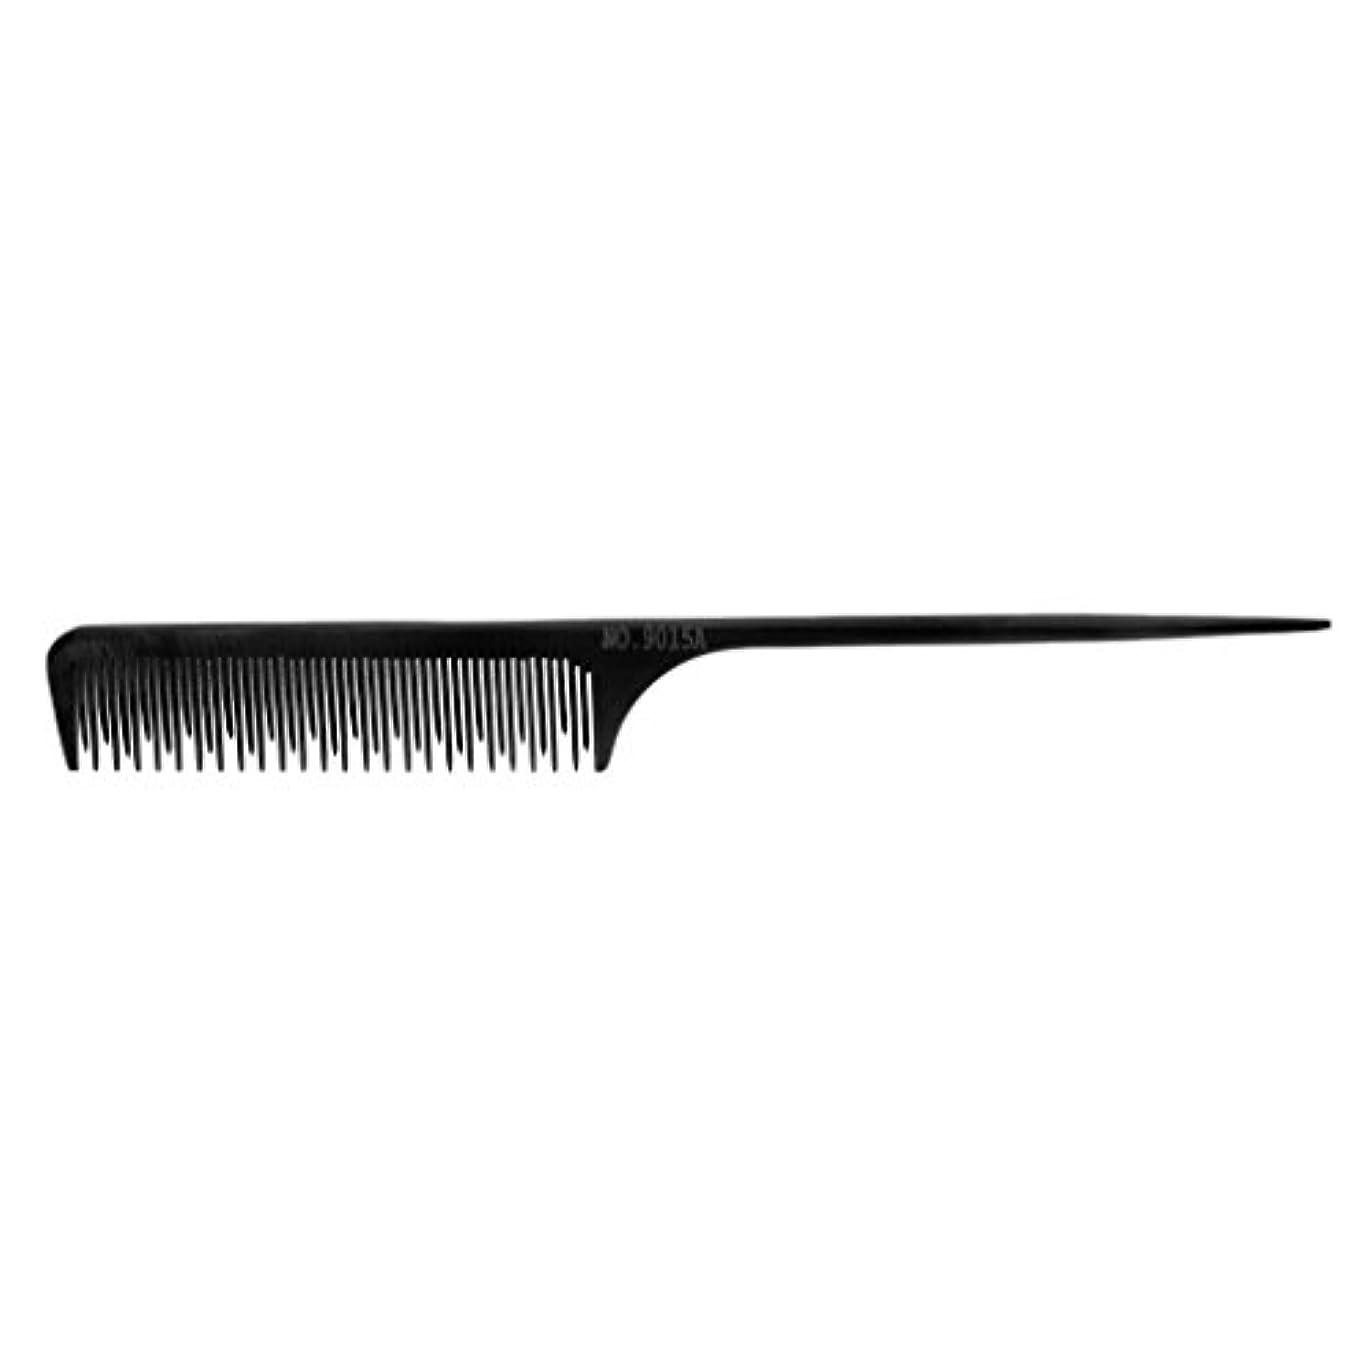 報復するアマチュア縁Homyl テールコーム 櫛 コーム サロン 理髪師 テールチップ スタイリングツール 耐久性 耐熱性